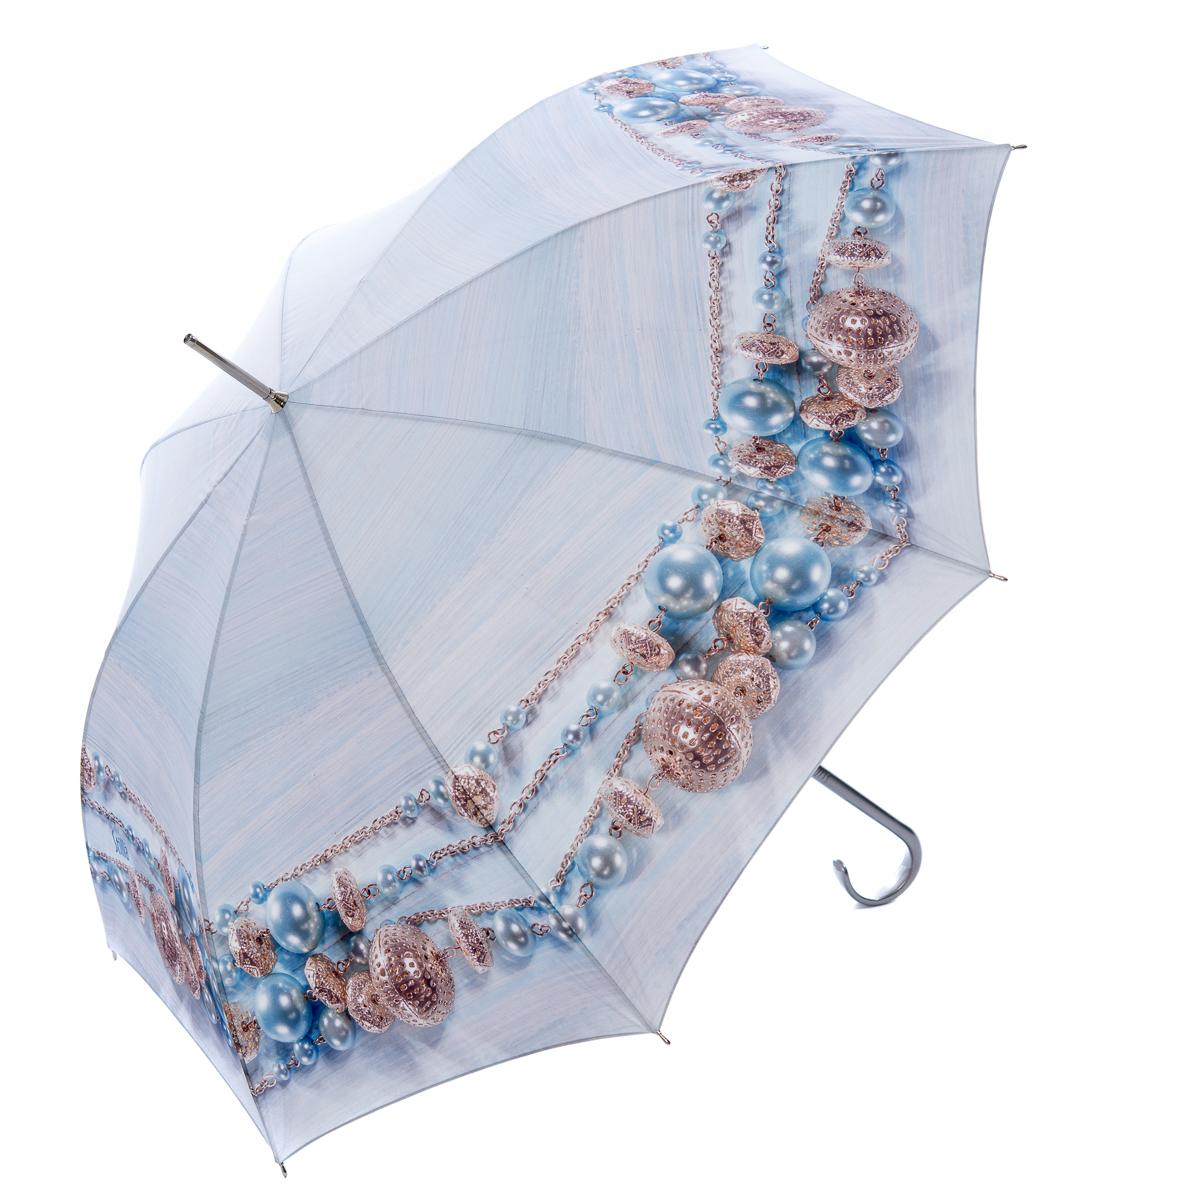 Зонт-трость женский Stilla, цвет: голубой. 740/1 auto45100738/18076/4D00NЗонт-трость Stilla надежно защитит вас от дождя. Купол, оформленный оригинальным принтом, выполнен из высококачественного ПВХ, который не пропускает воду.Каркас зонта и спицы выполнены из высококарбонистой стали. Зонт имеет автоматический тип сложения: открывается и закрывается при нажатии на кнопку. Удобная ручка выполнена из пластика.